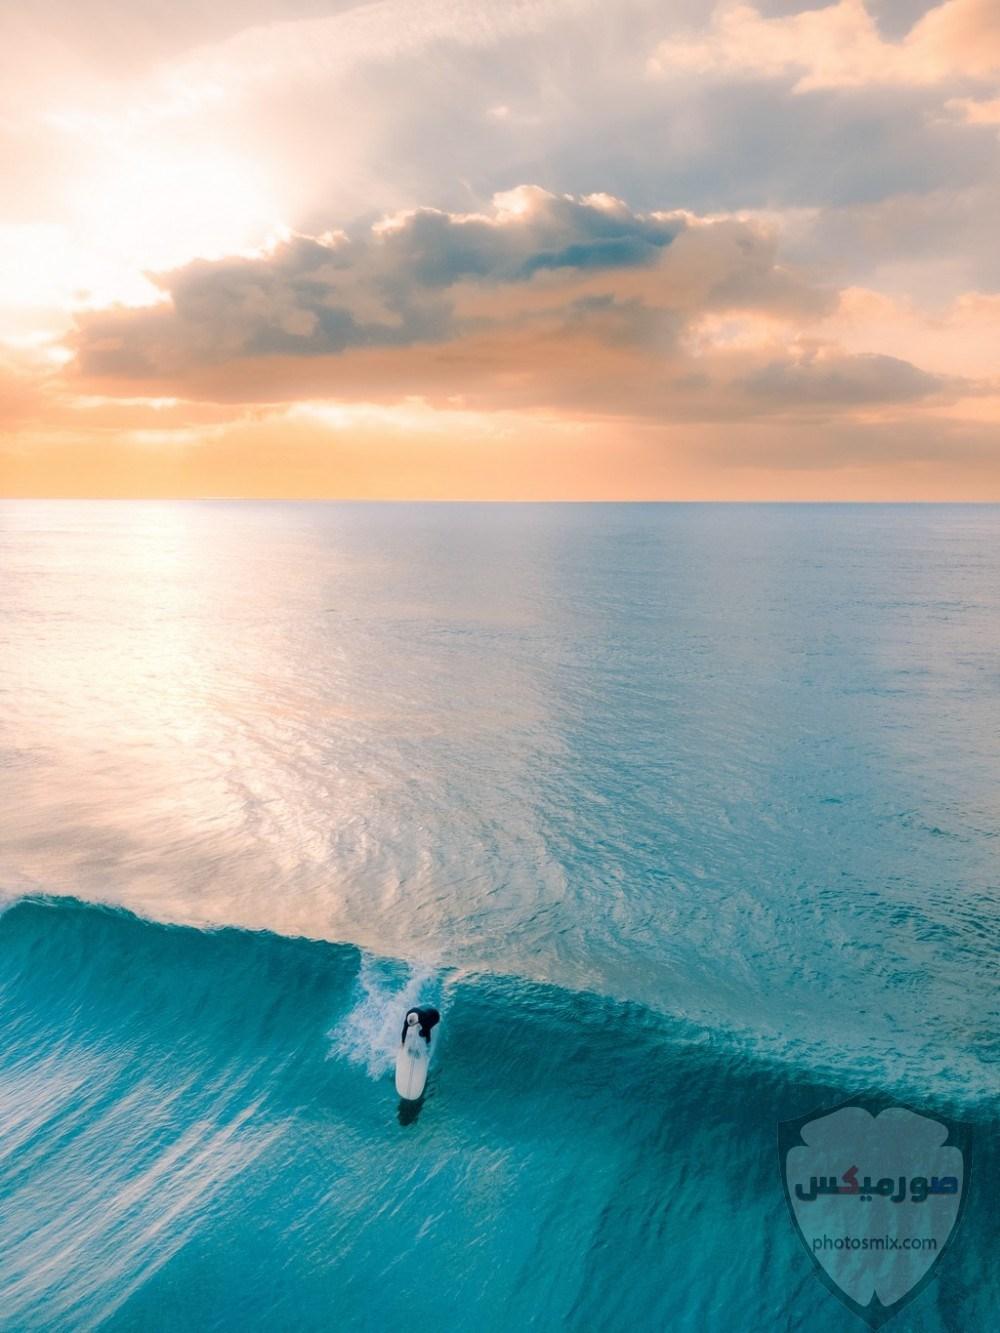 صور بحر 2020 صور بحر جميلة تحميل افضل خلفيات البحر HD 6